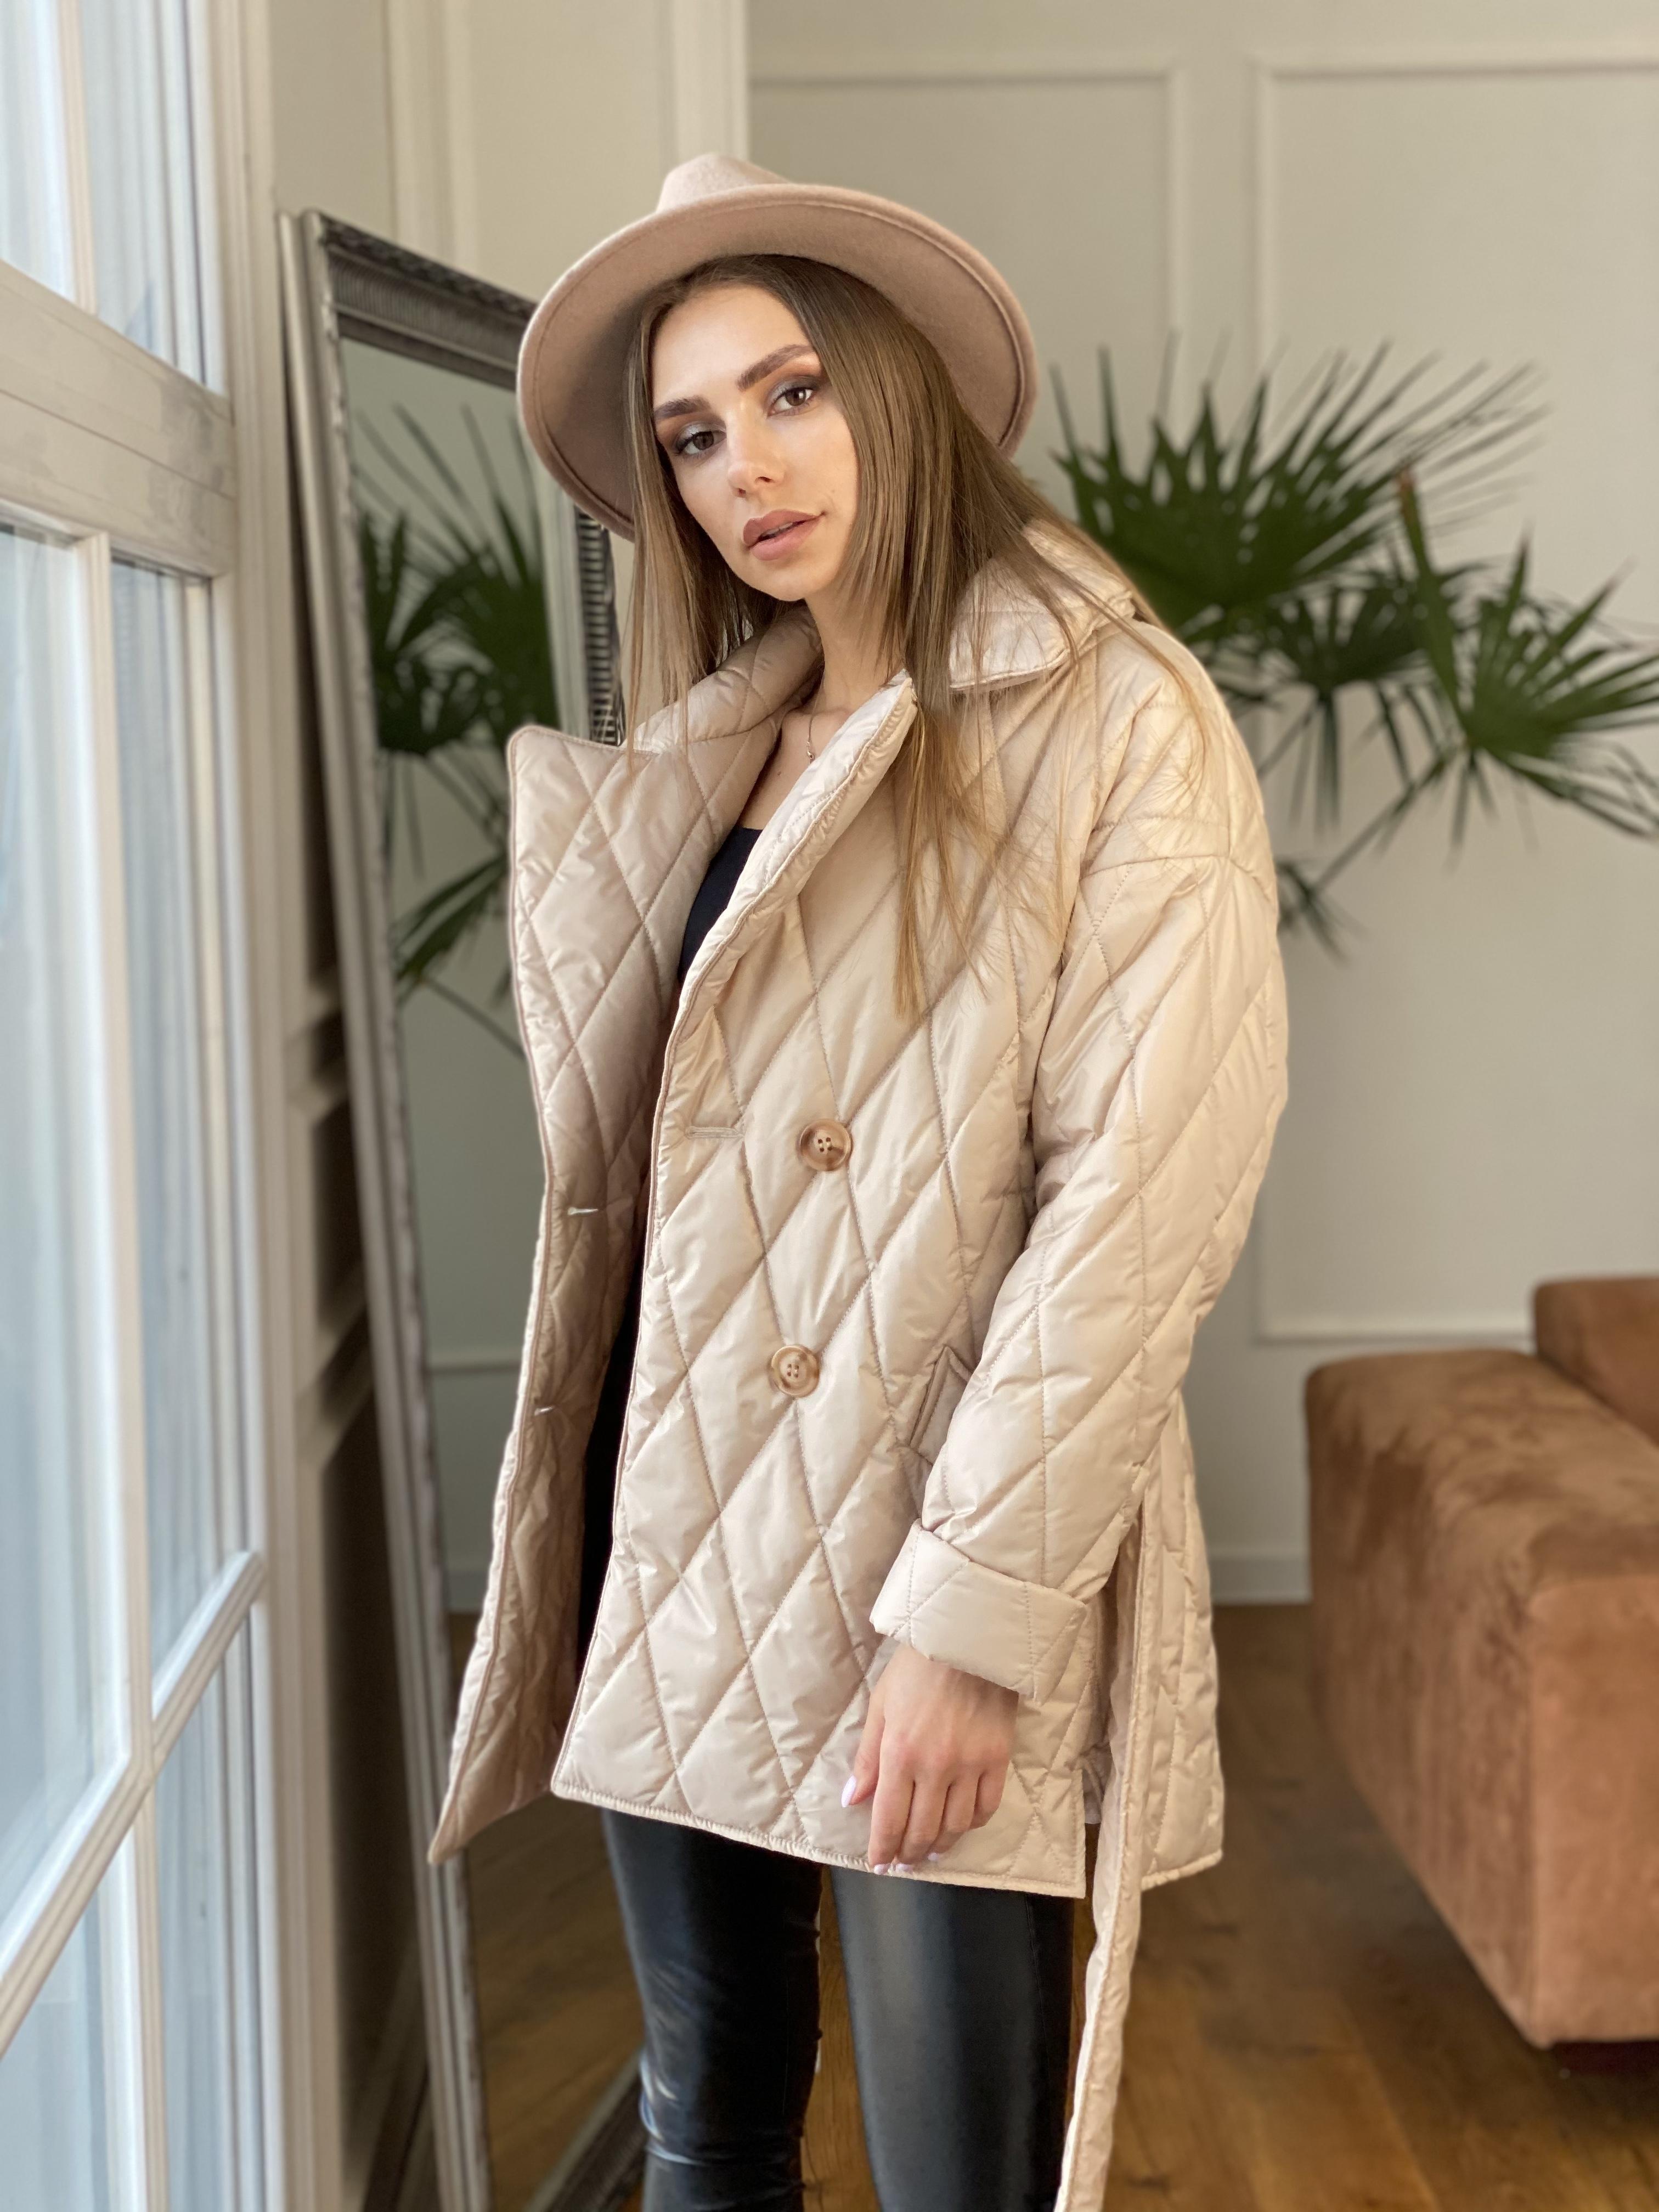 Норд куртка из плащевой ткани стеганая 10883 АРТ. 47411 Цвет: Бежевый - фото 11, интернет магазин tm-modus.ru